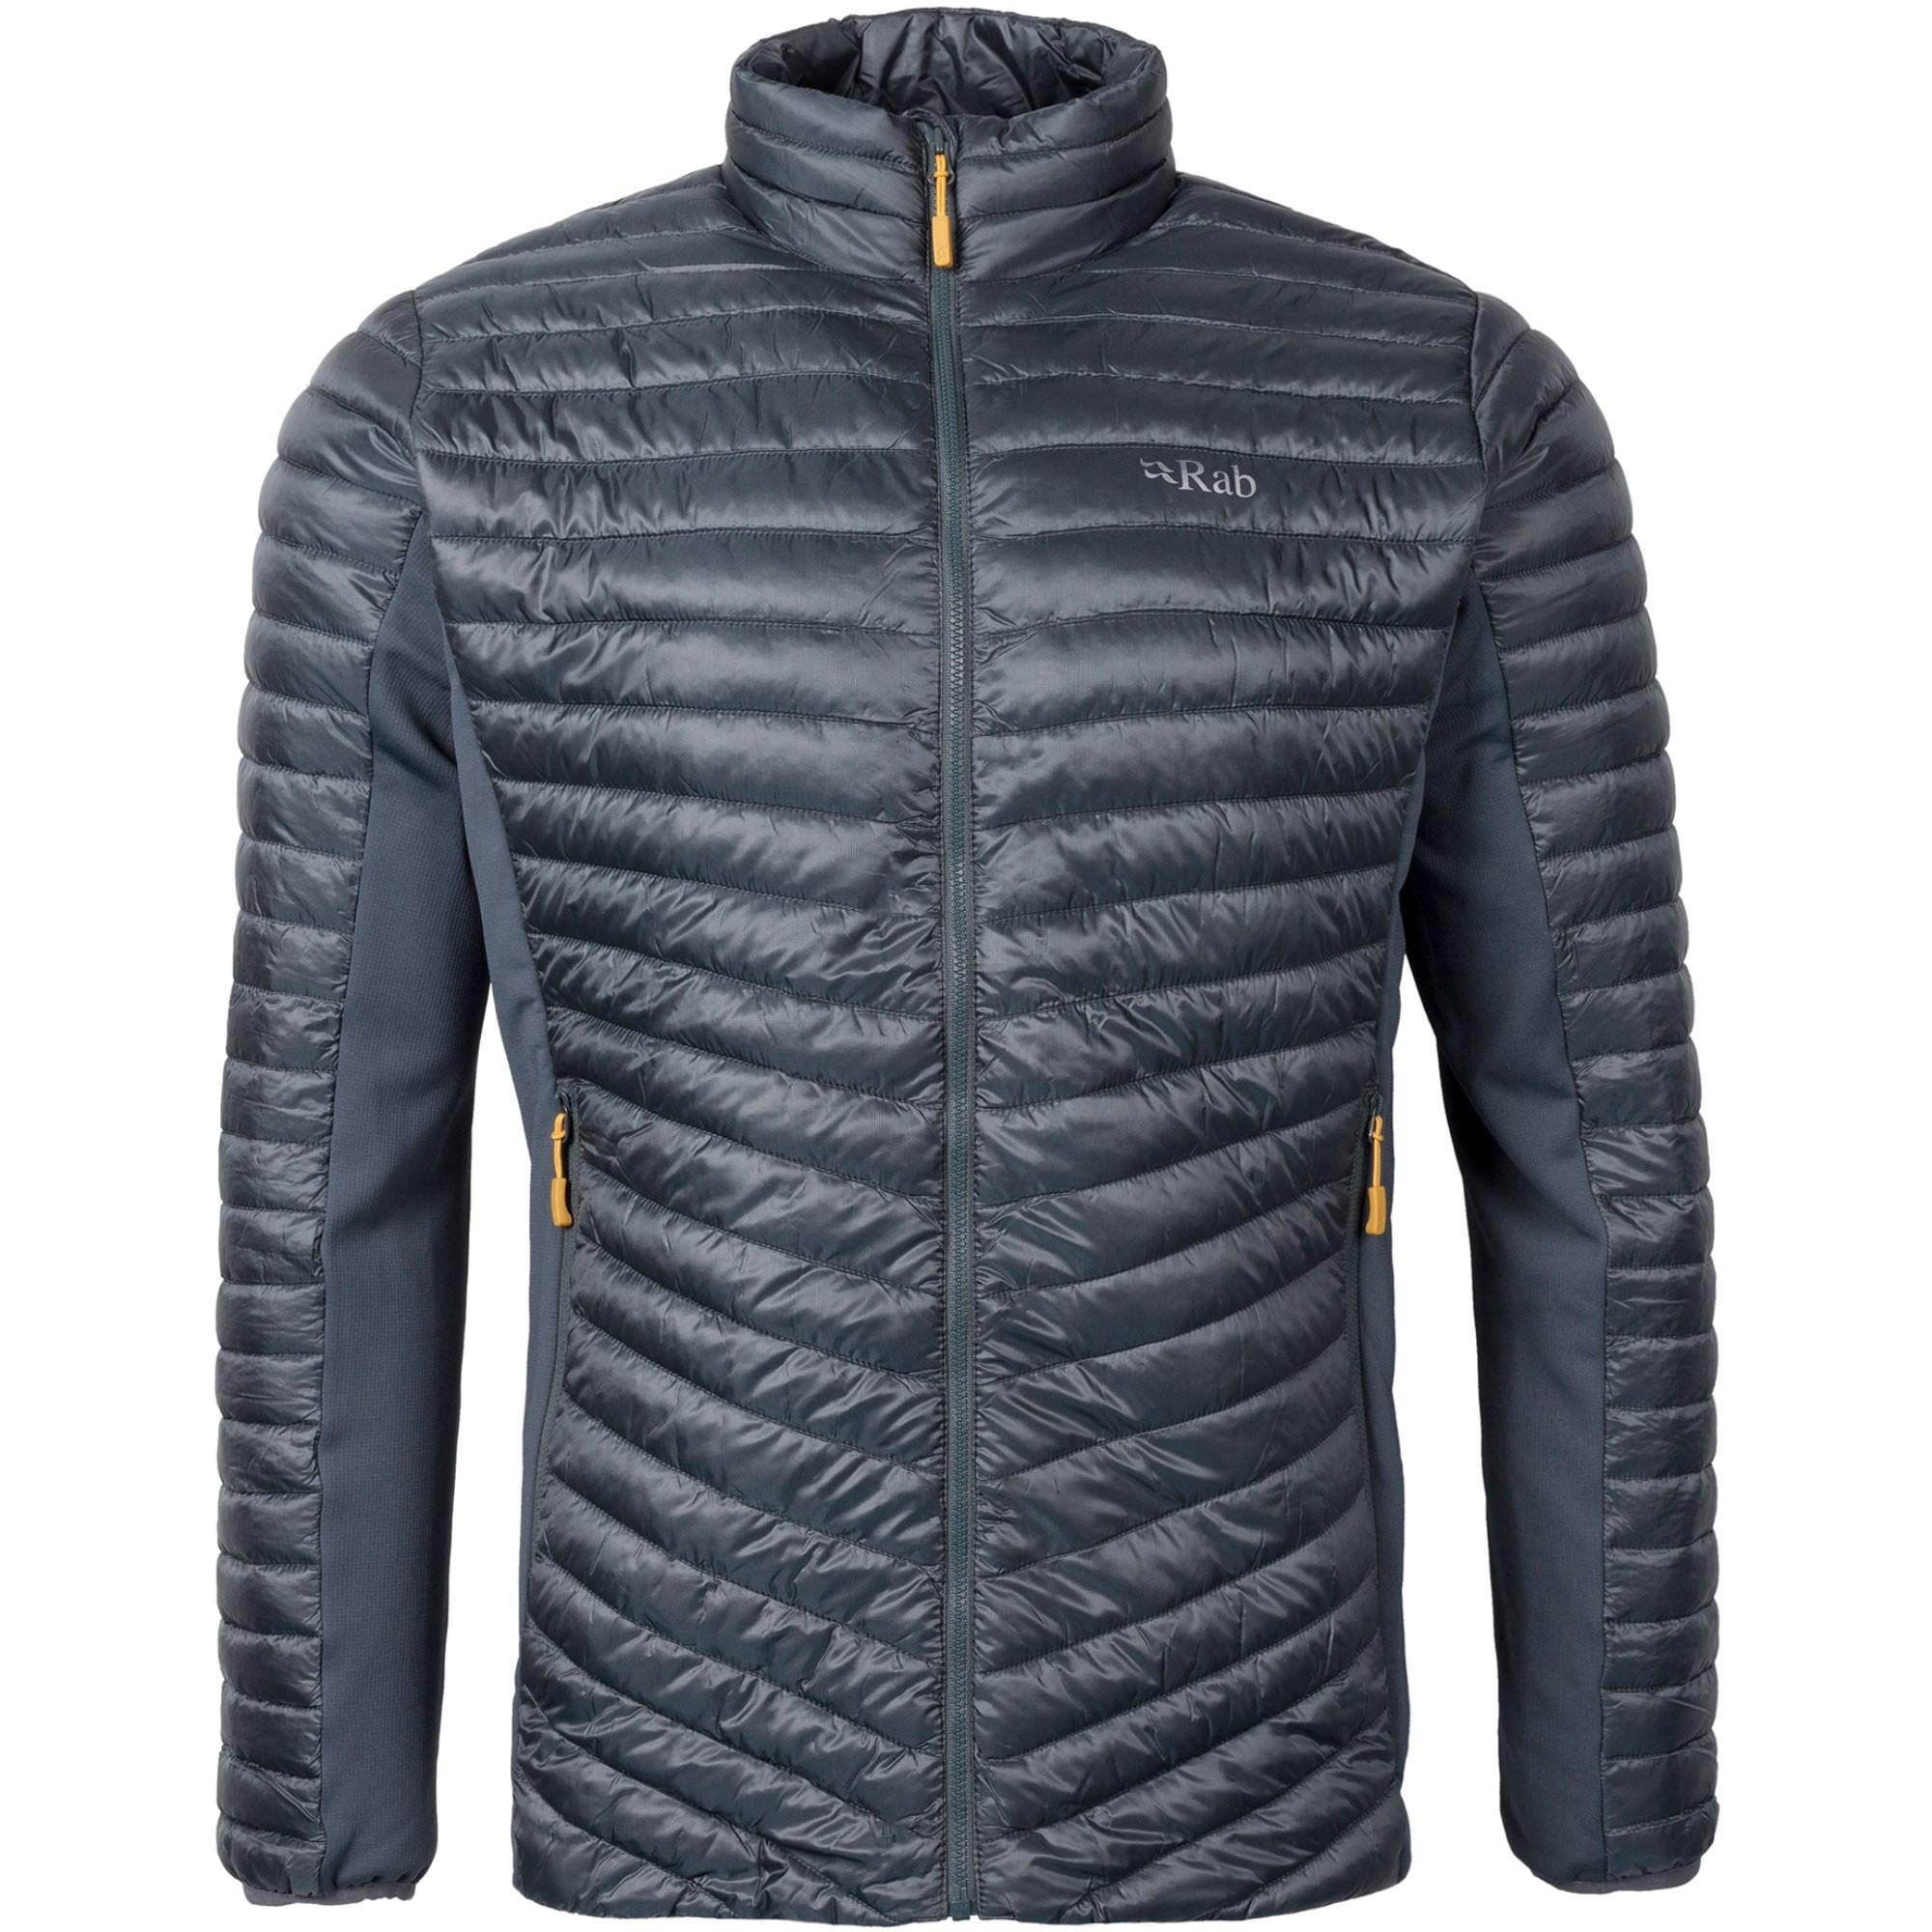 Rab Cirrus Flex Jacket - Steel